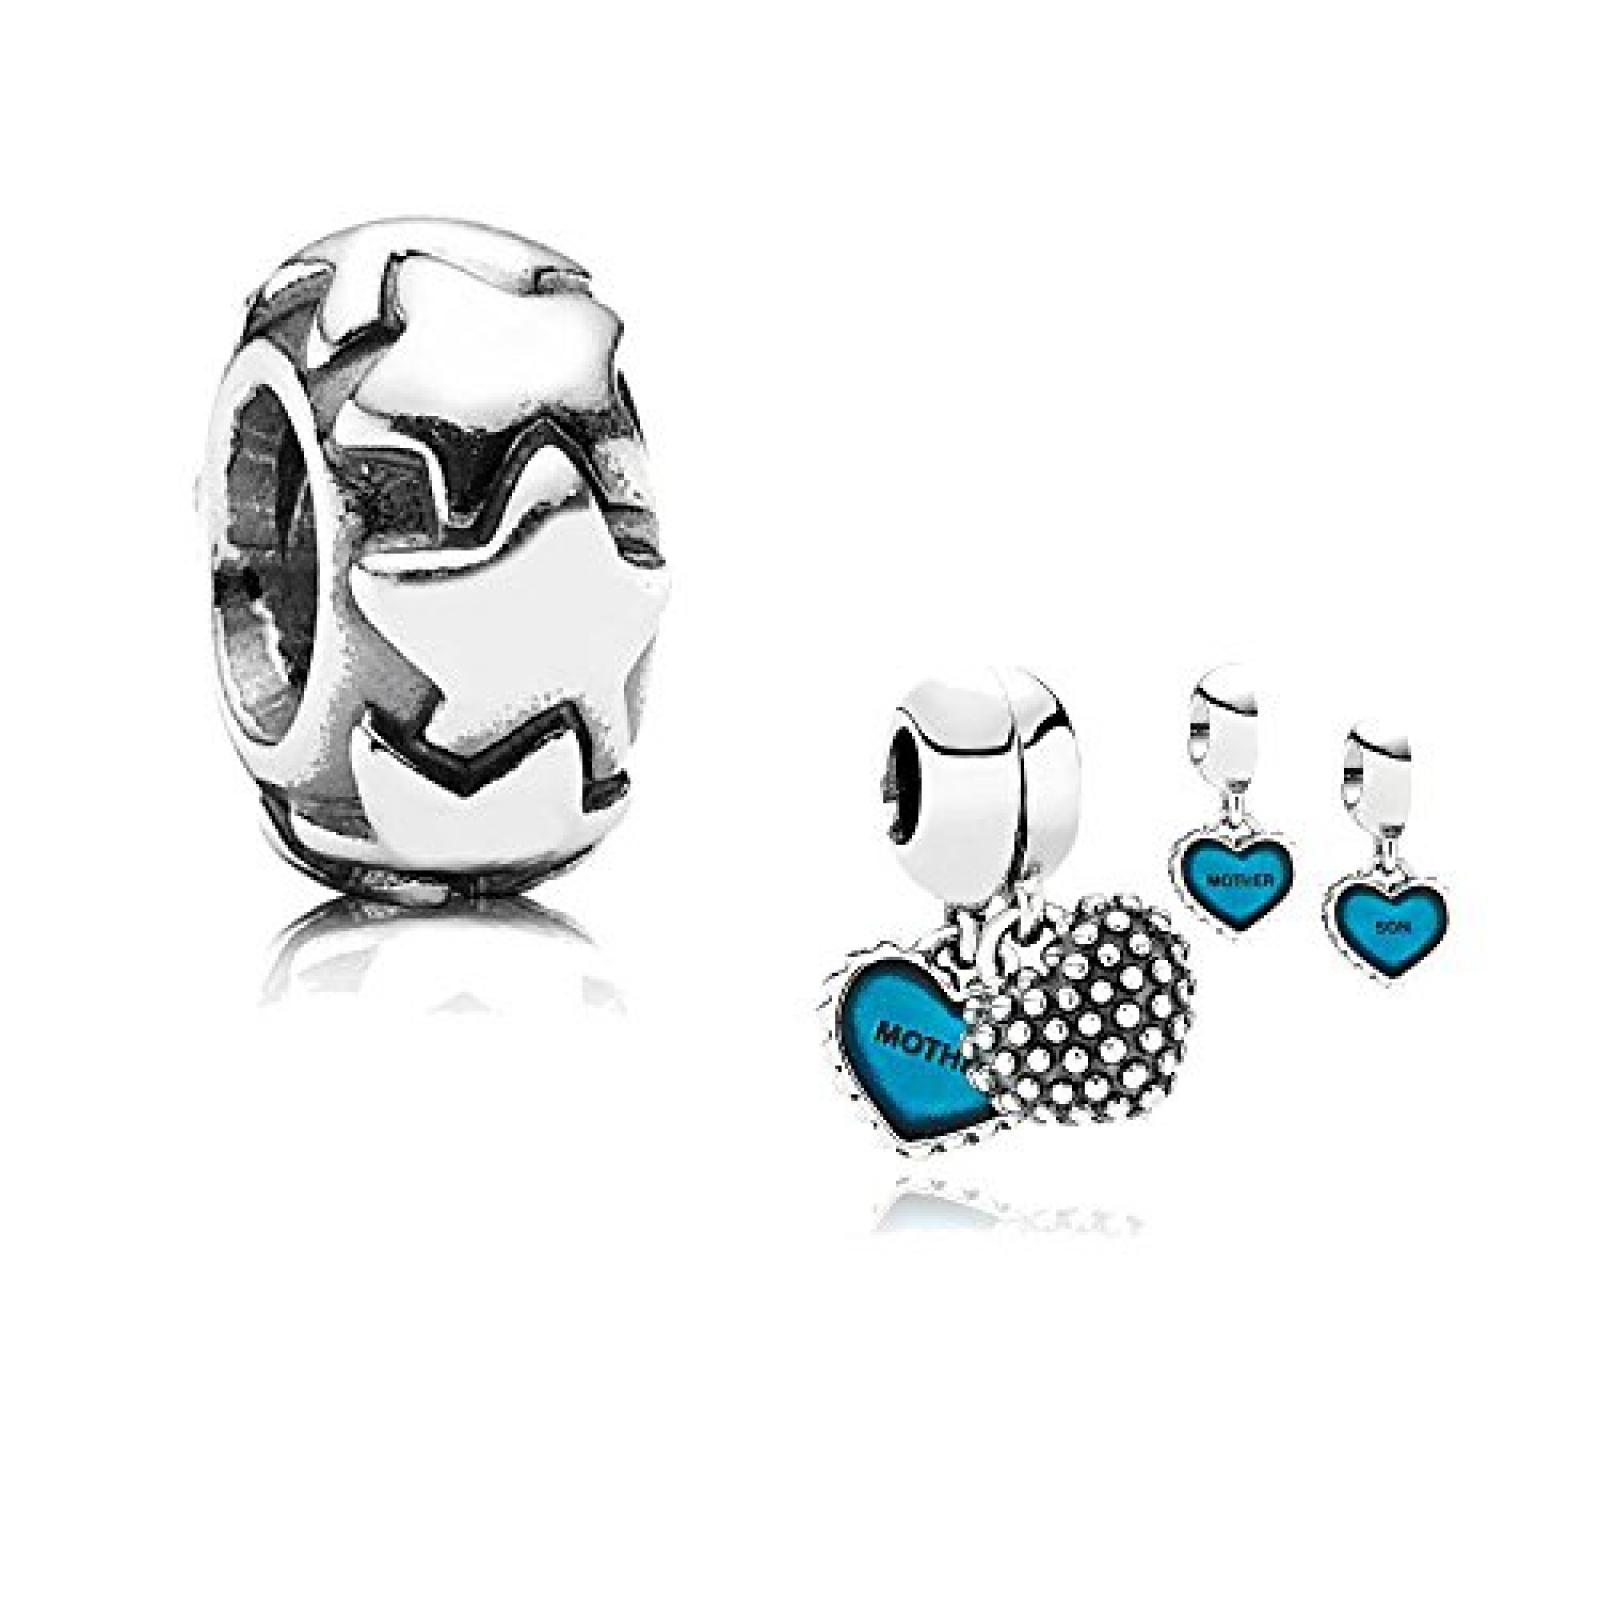 Original Pandora Geschenkset - 1 Silber Pendel Mutter & Sohn mit blauer Emaille 791152EN08 und 1 Silber Zwischenelement Sternenregen 790985